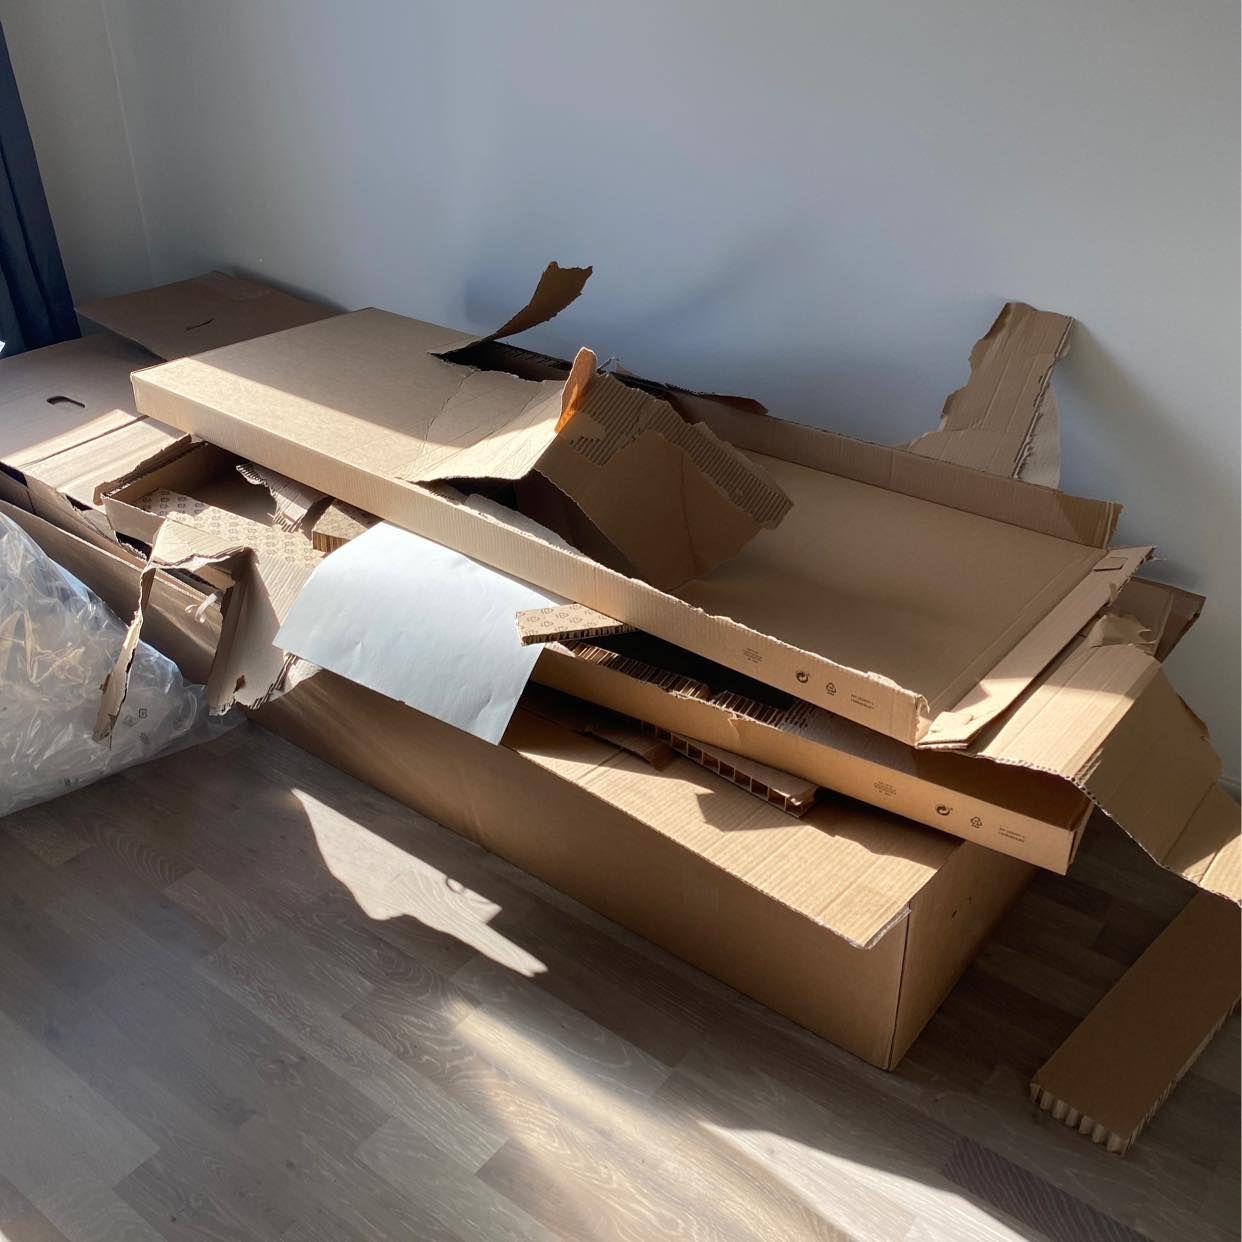 image of Hämtning av kartonger - Botkyrka